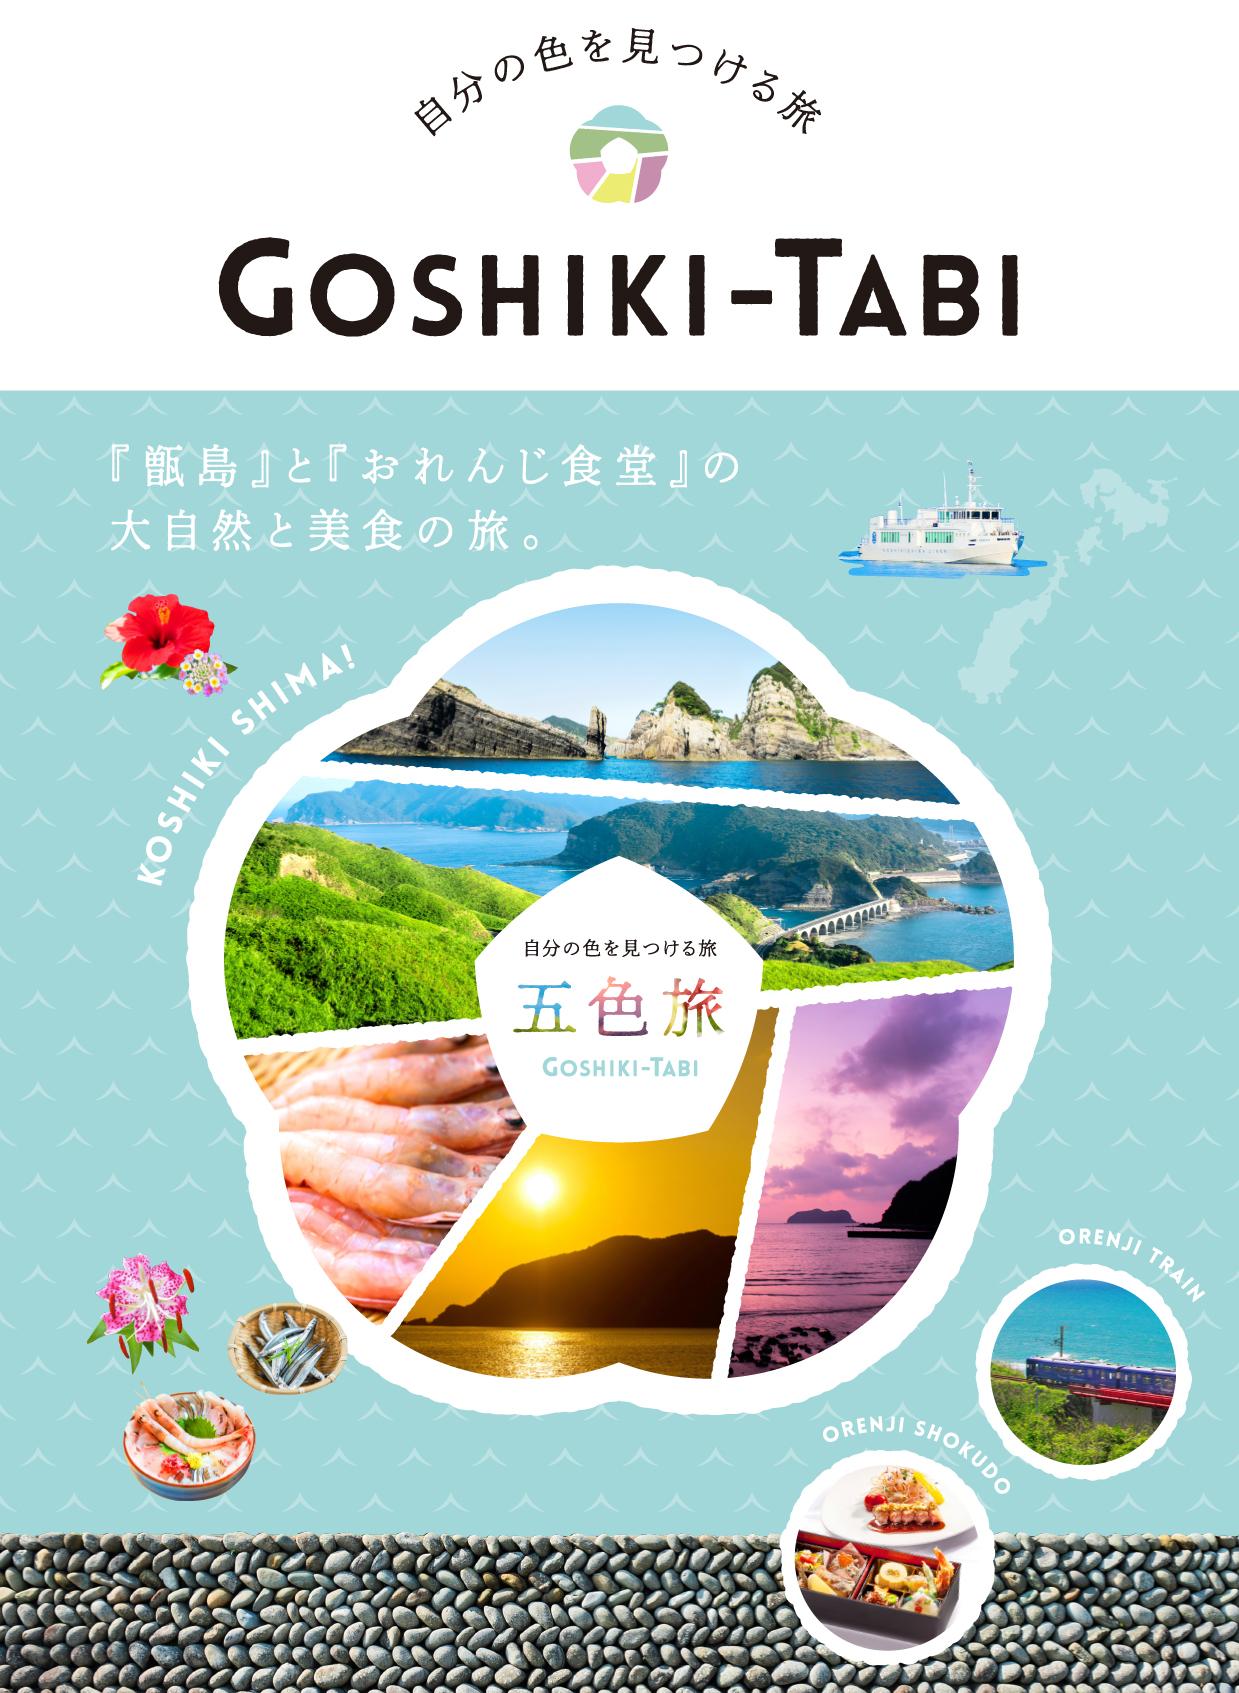 自分の色を見つめる旅『五色旅』 Goshiki-Tabi